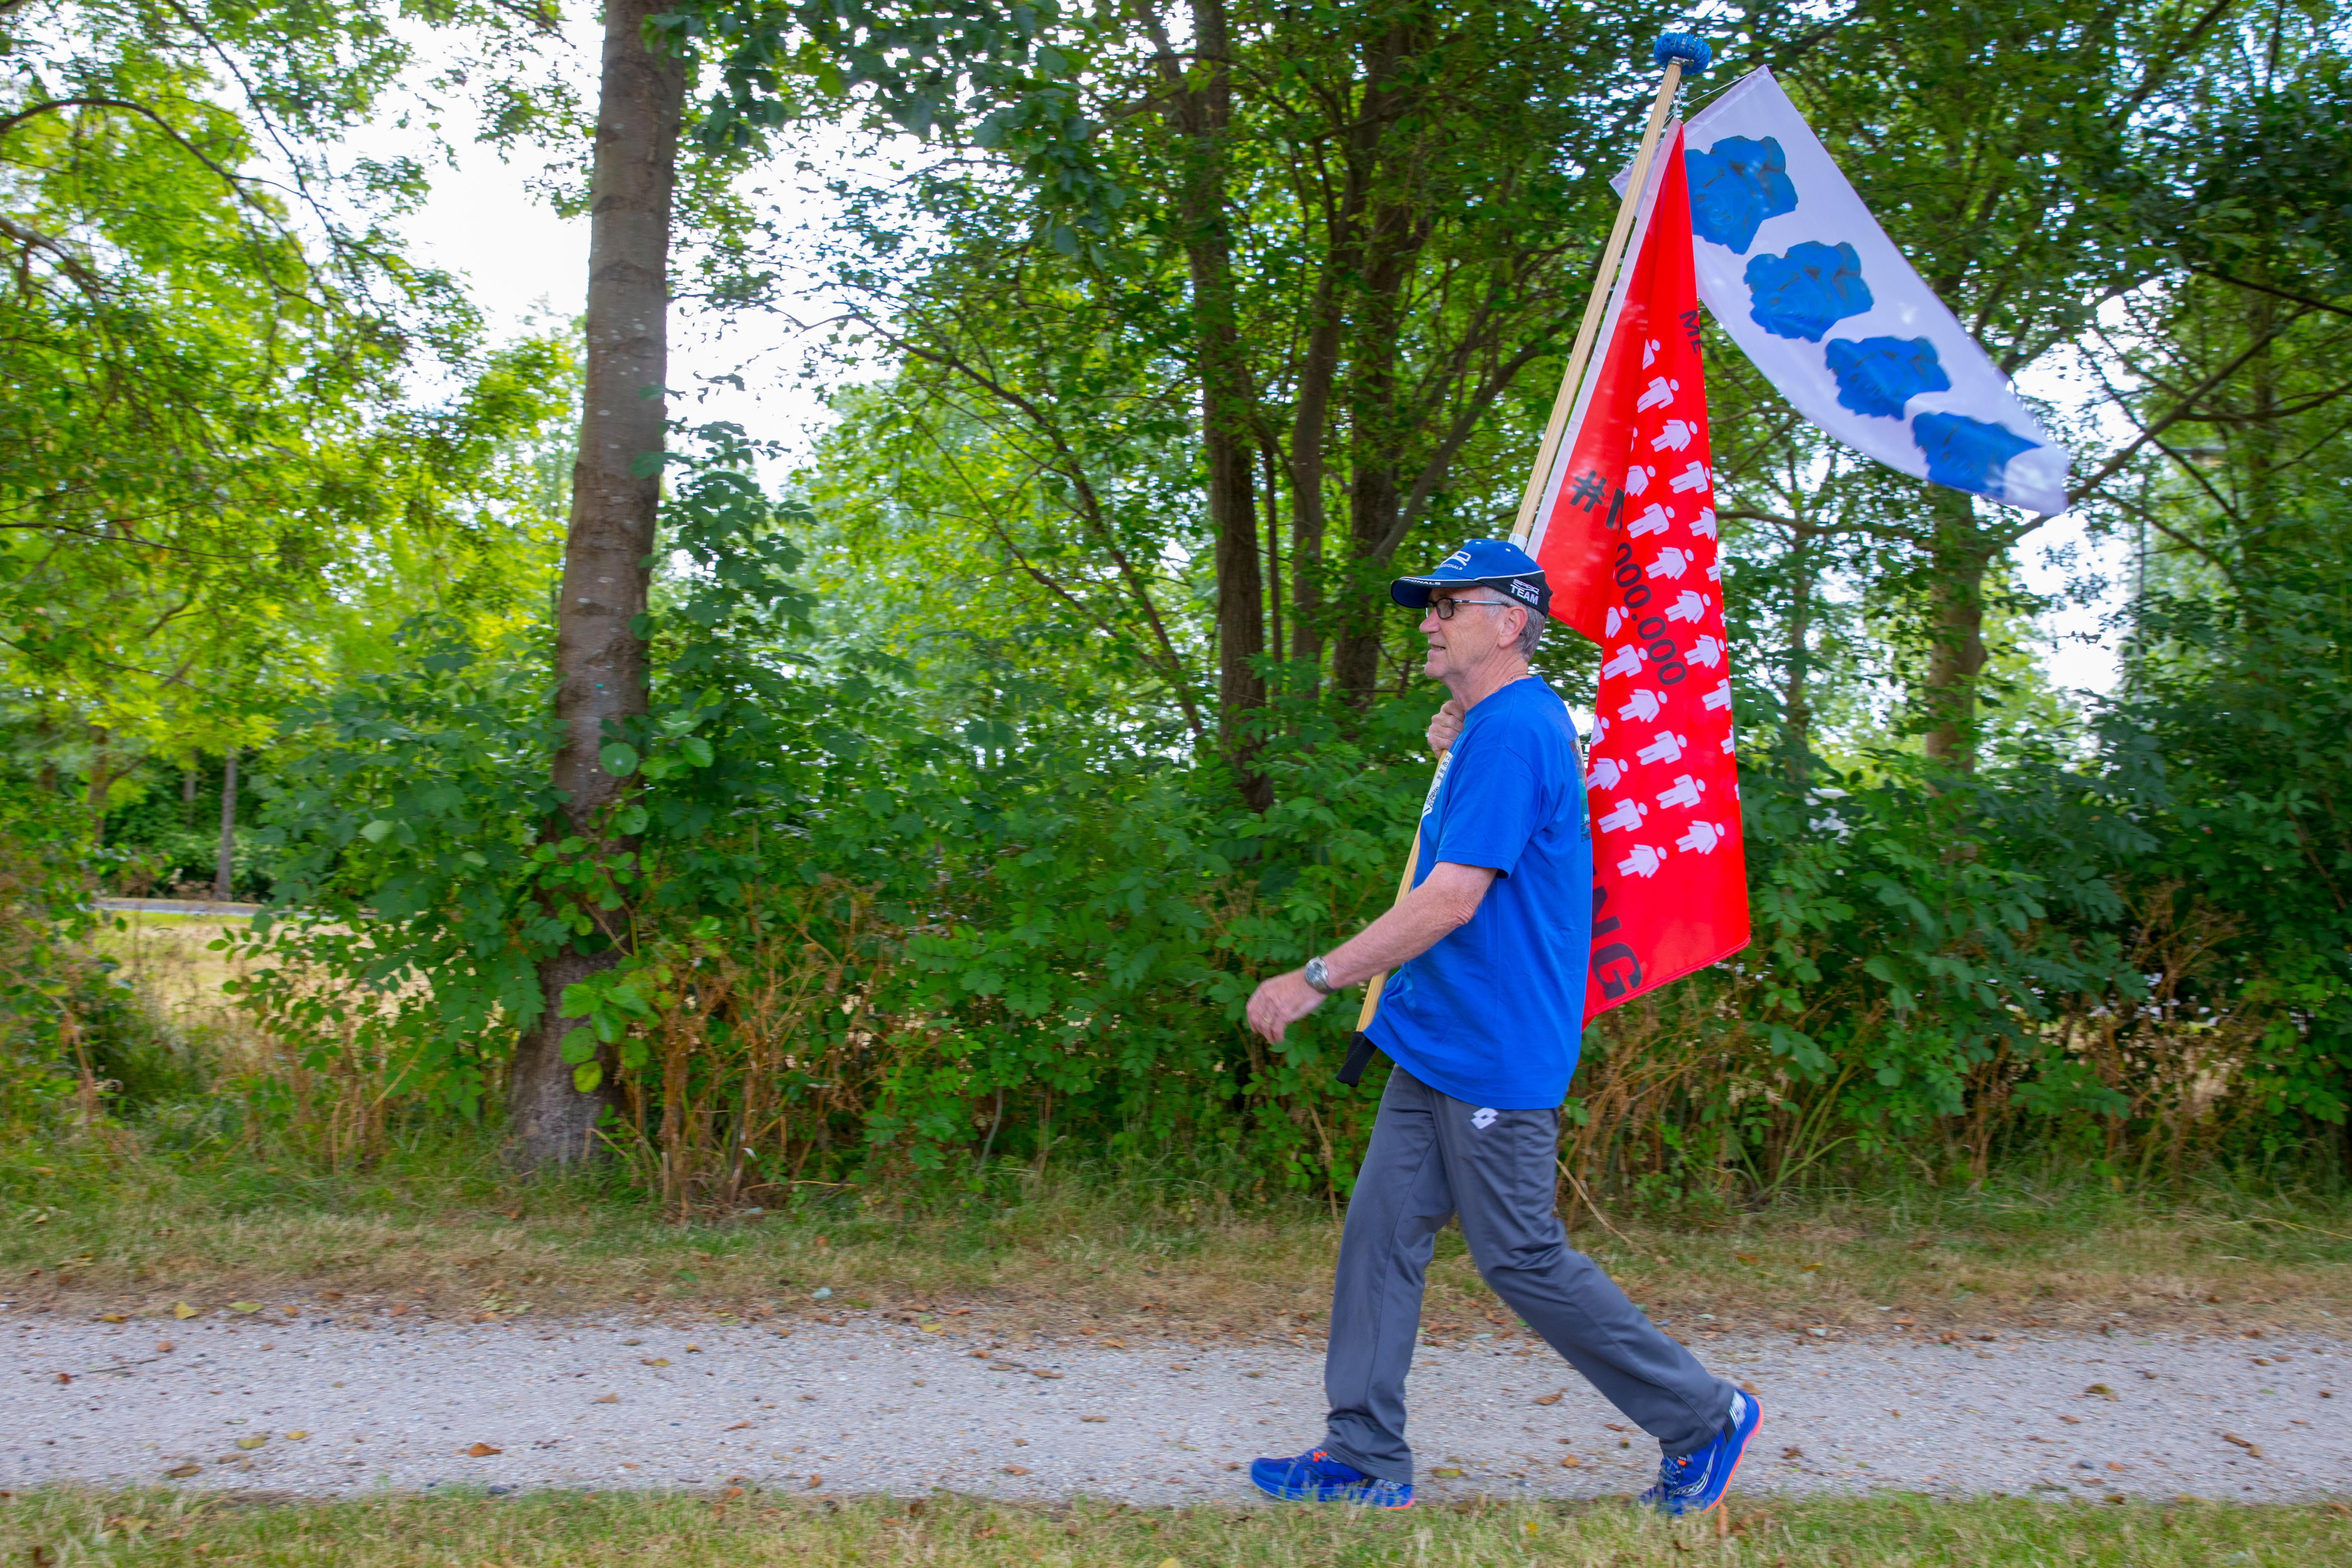 """René Robert loopt tijdens de Nijmeegse Vierdaagse mét de Millions Missing-vlag: """"Ik wil zoveel mogelijk aandacht vragen en geld ophalen voor de ziekte ME."""" (Foto: Vincent de Vries/RM)"""